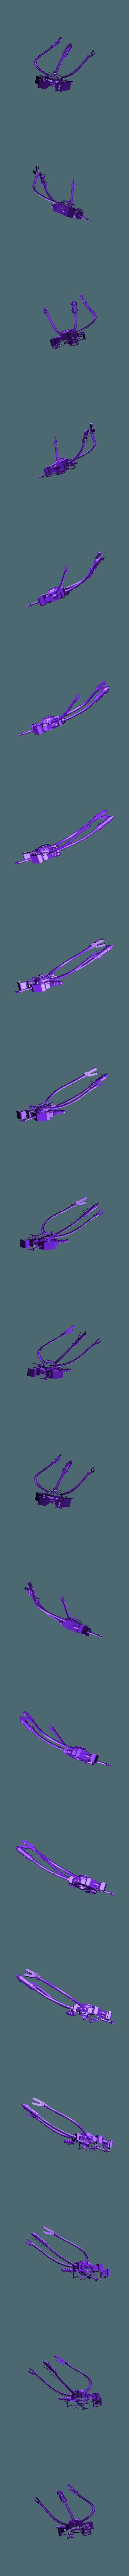 Ranger_3.1_-_Backpack.stl Télécharger fichier STL gratuit Rangers mécanisés martiens • Plan à imprimer en 3D, ErikTheHeretek